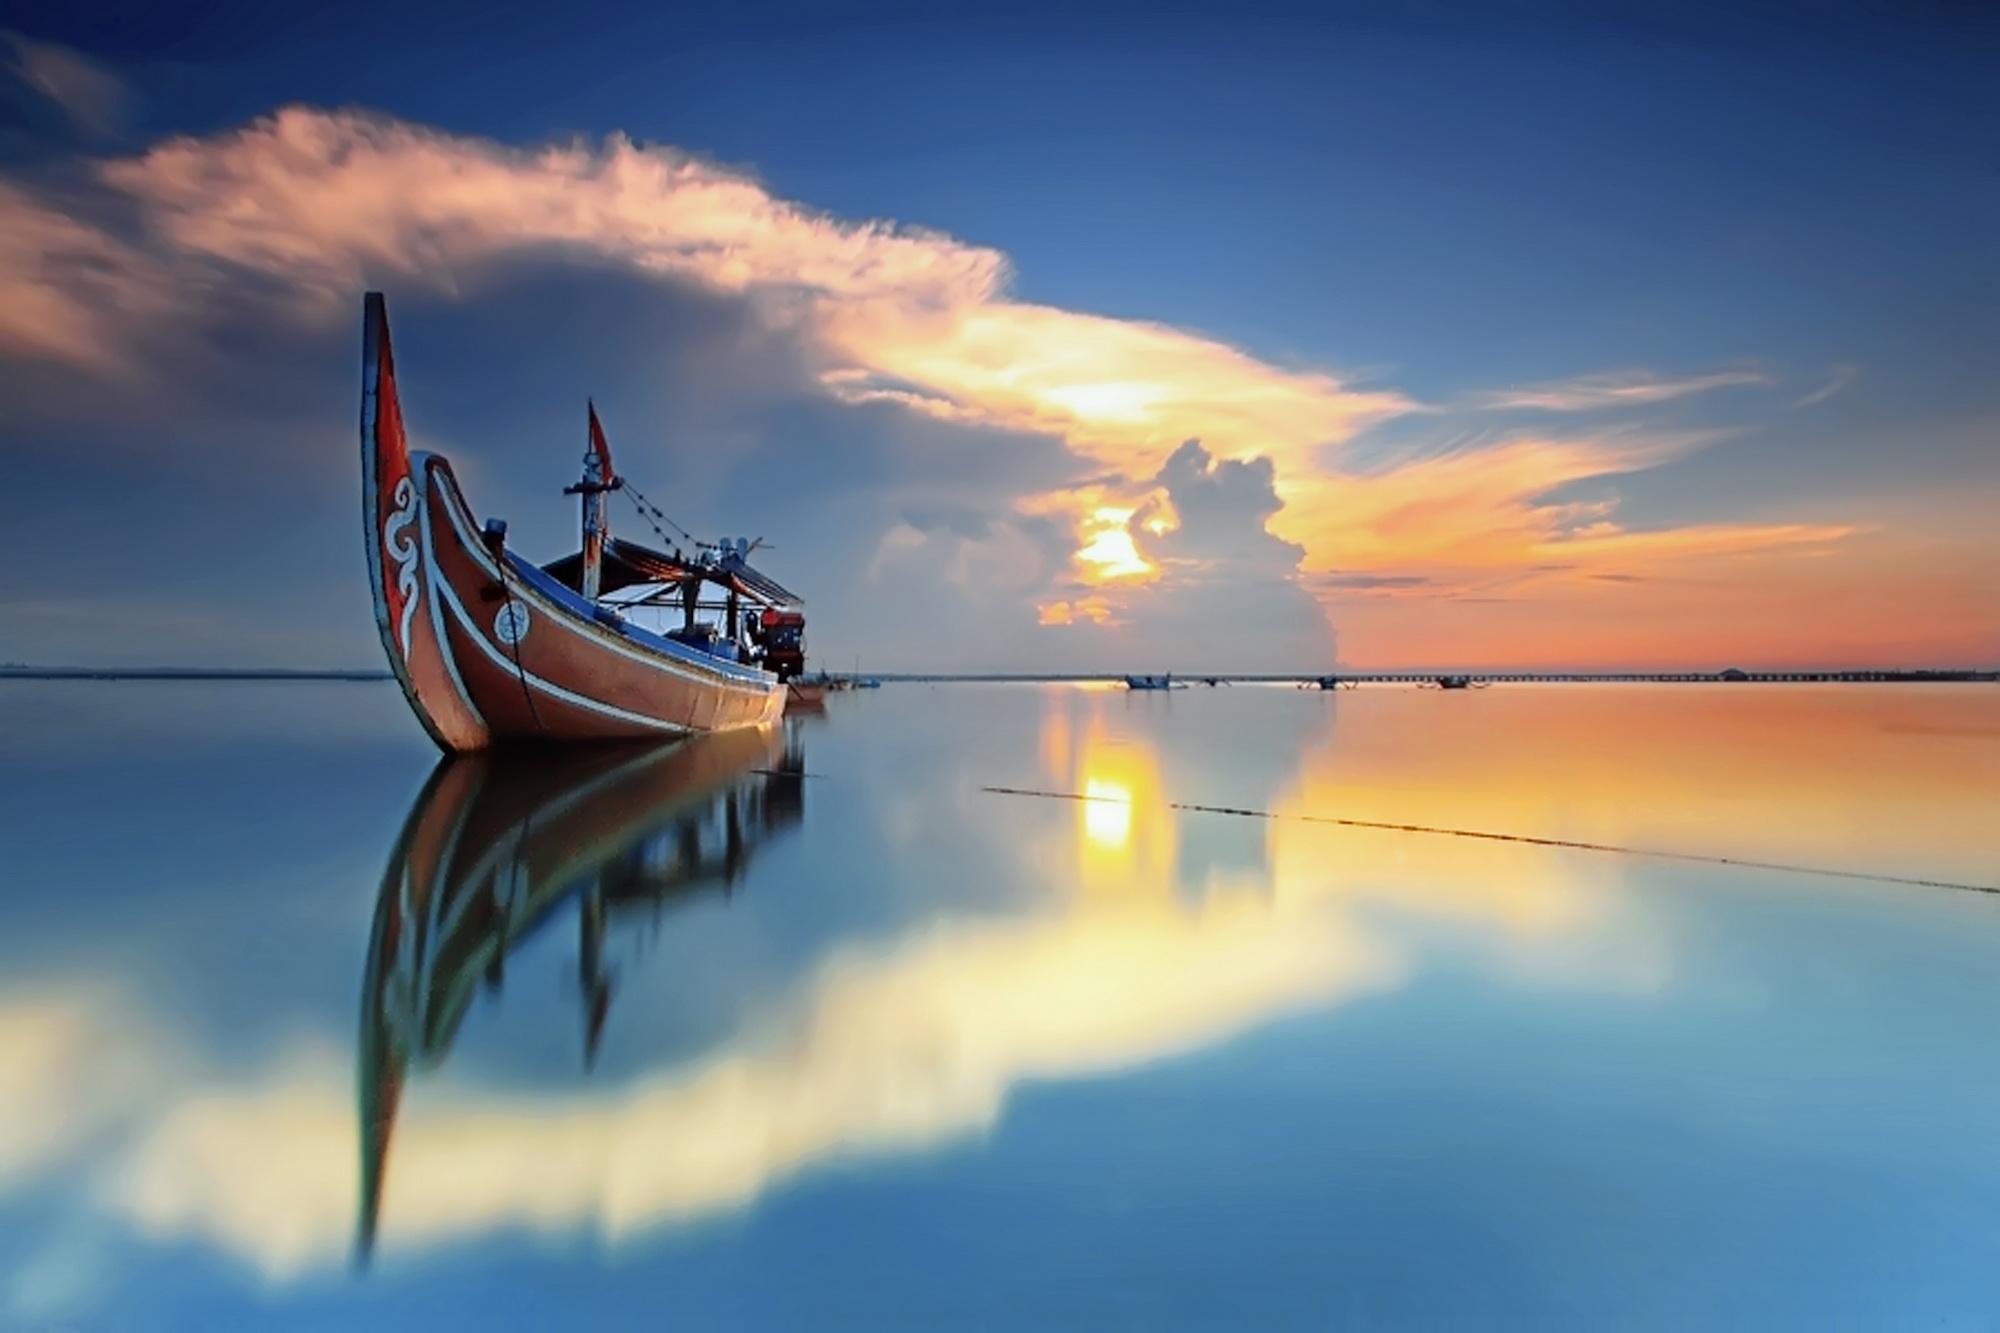 fantastisk båt 1.jpg